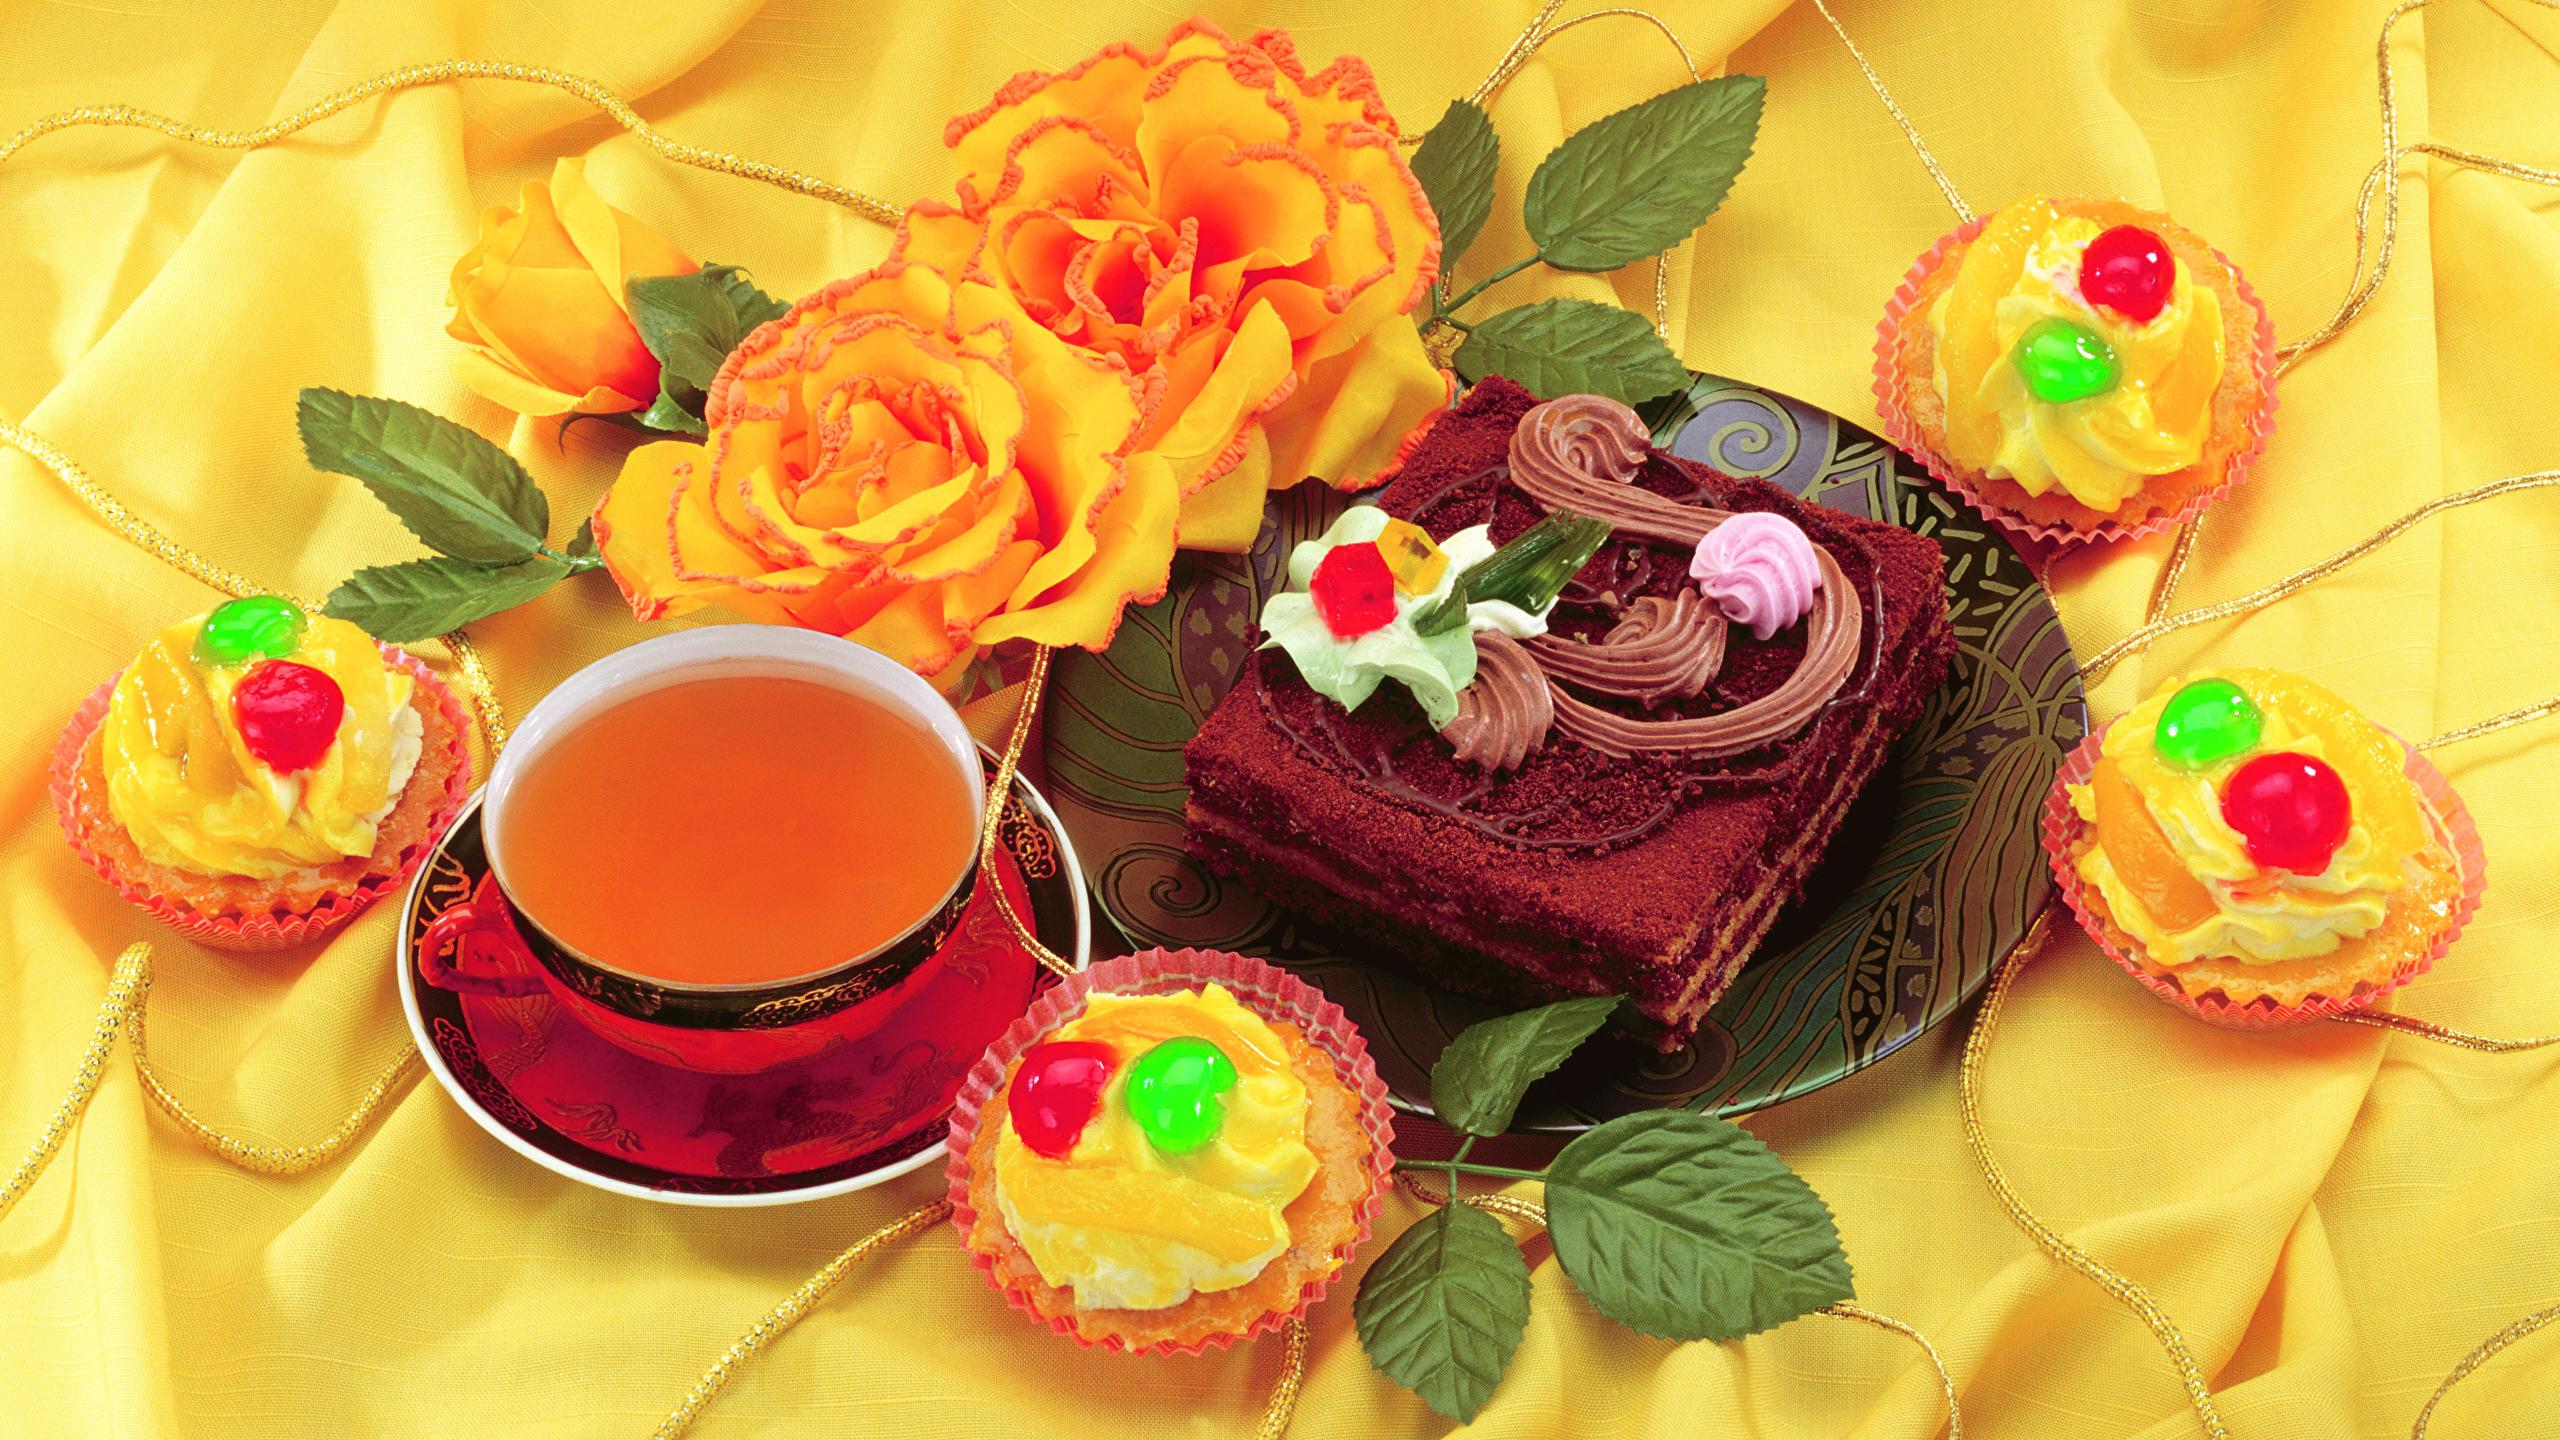 Фотографии Чай Торты Пирожное Еда Чашка Розы Натюрморт 2560x1440 Пища чашке Продукты питания роза